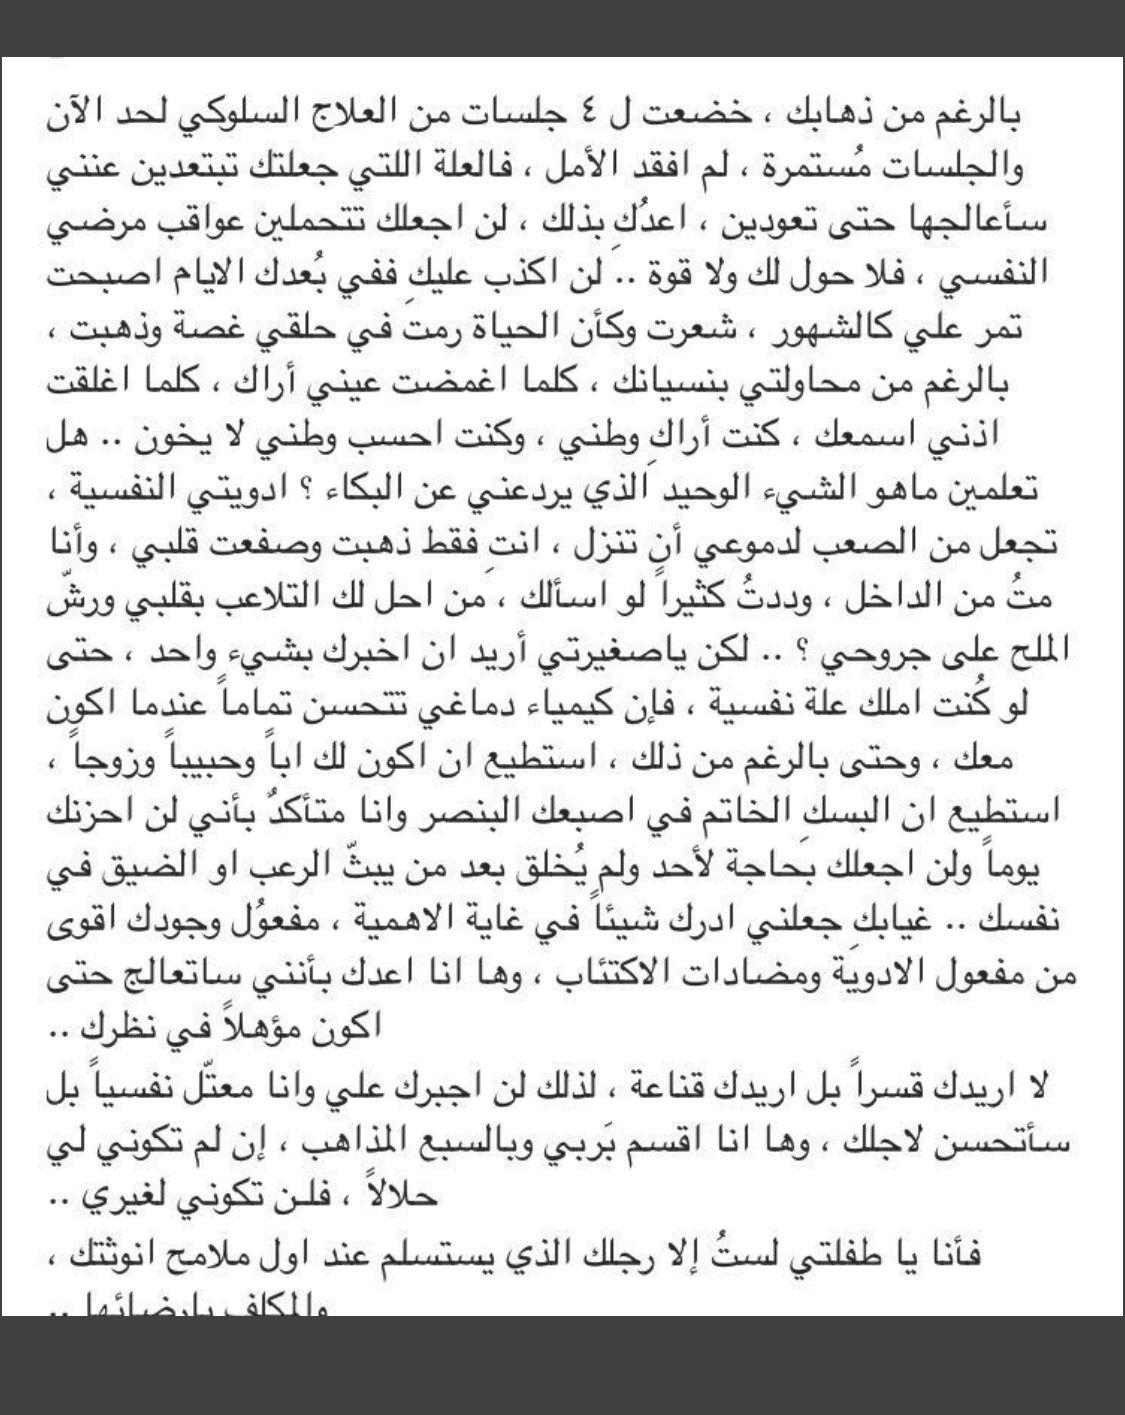 رسالة مريض نفسي لحبيبته 1 1 Inspirational Quotes Quotations Arabic Quotes